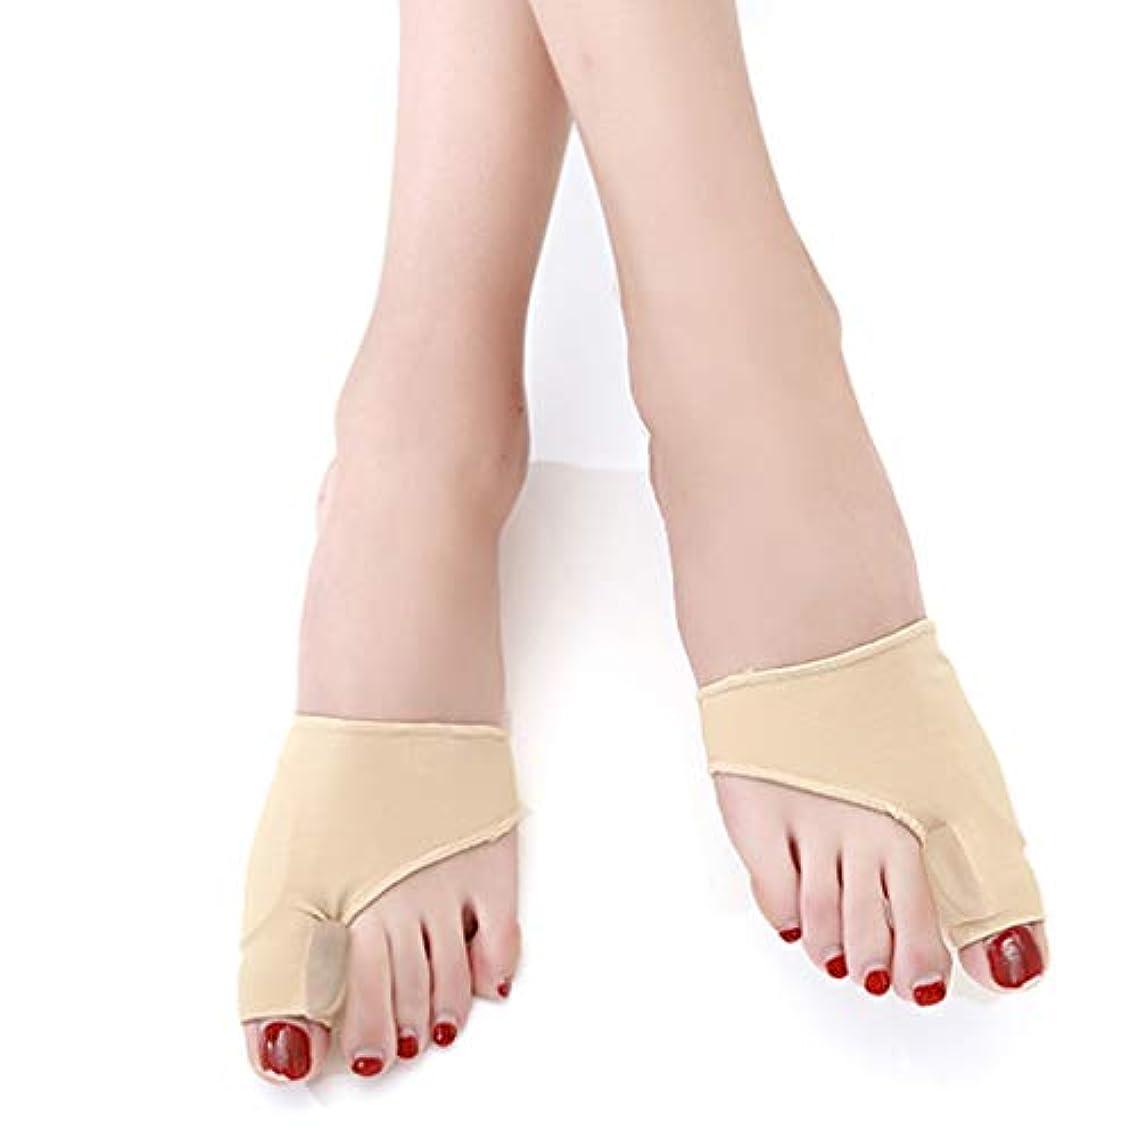 疑い者タイプライターコーナーつま先サポートHallux外反矯正装置、足の親指プロテクター、詐欺師つま先のための保護と治療着用の腱膜炎、水疱、痛風や関節炎の痛み,A,L